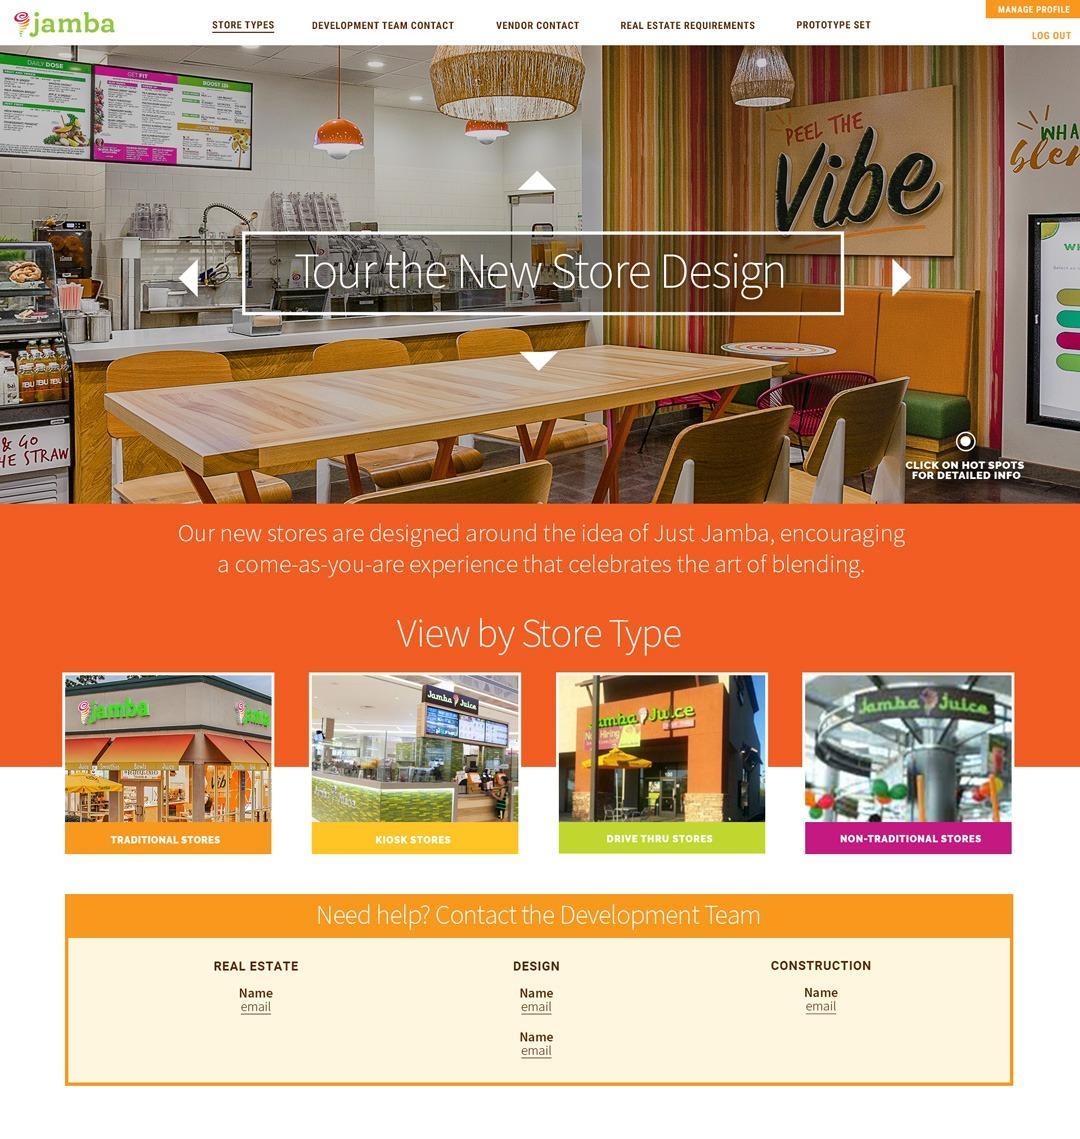 jamba-store-design-guide-landing-page